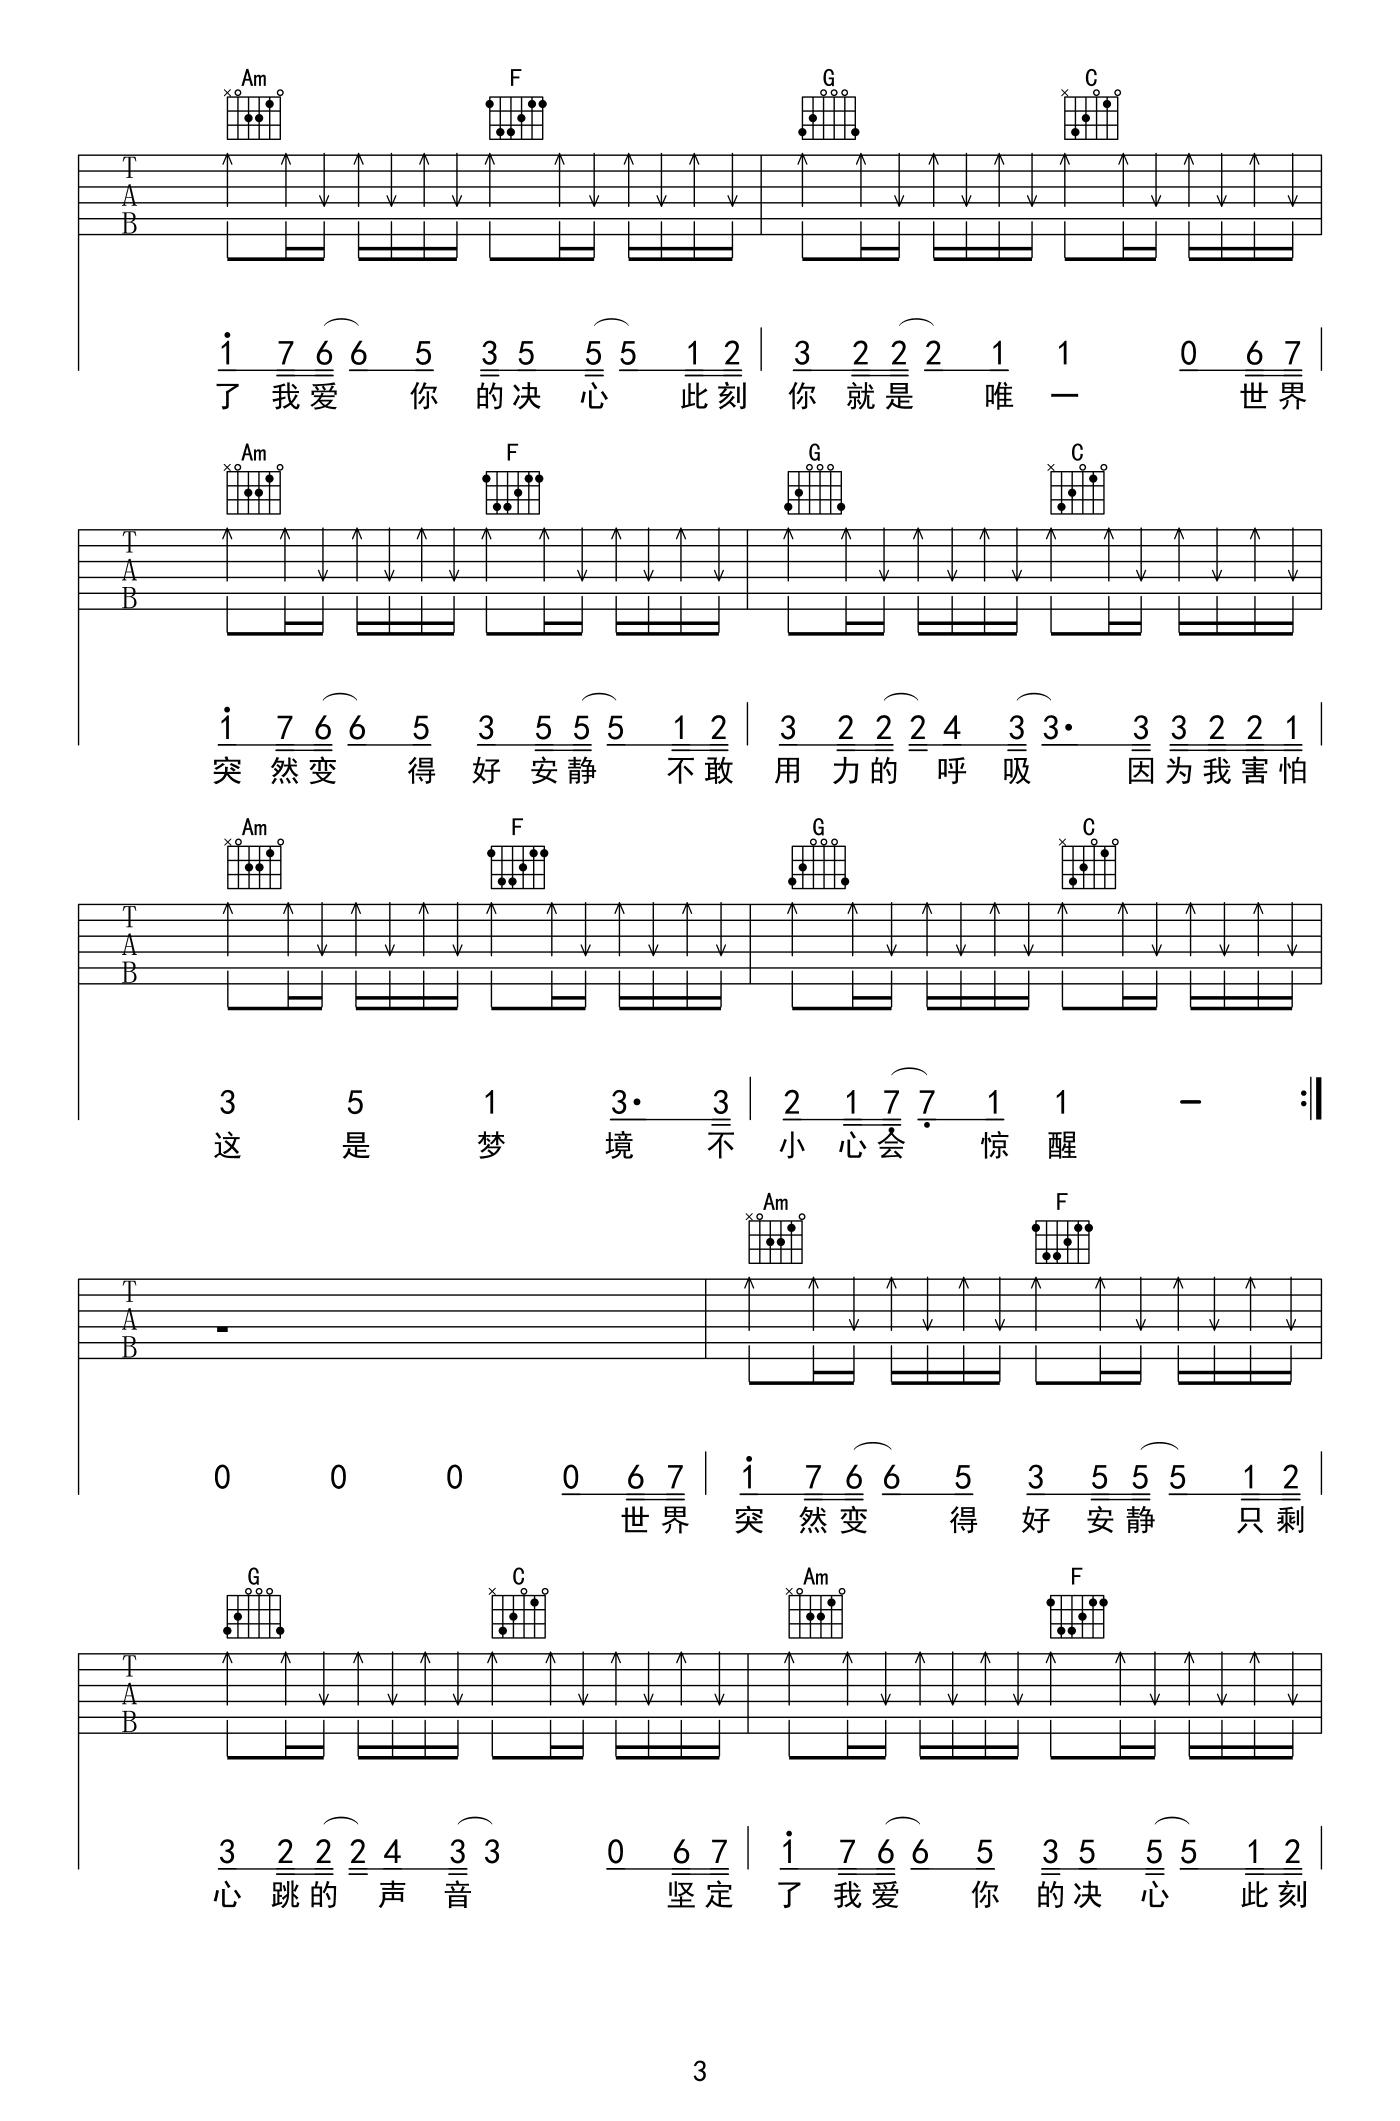 陈泫孝大泫《静悄悄》吉他谱高清无水印吉他弹唱谱